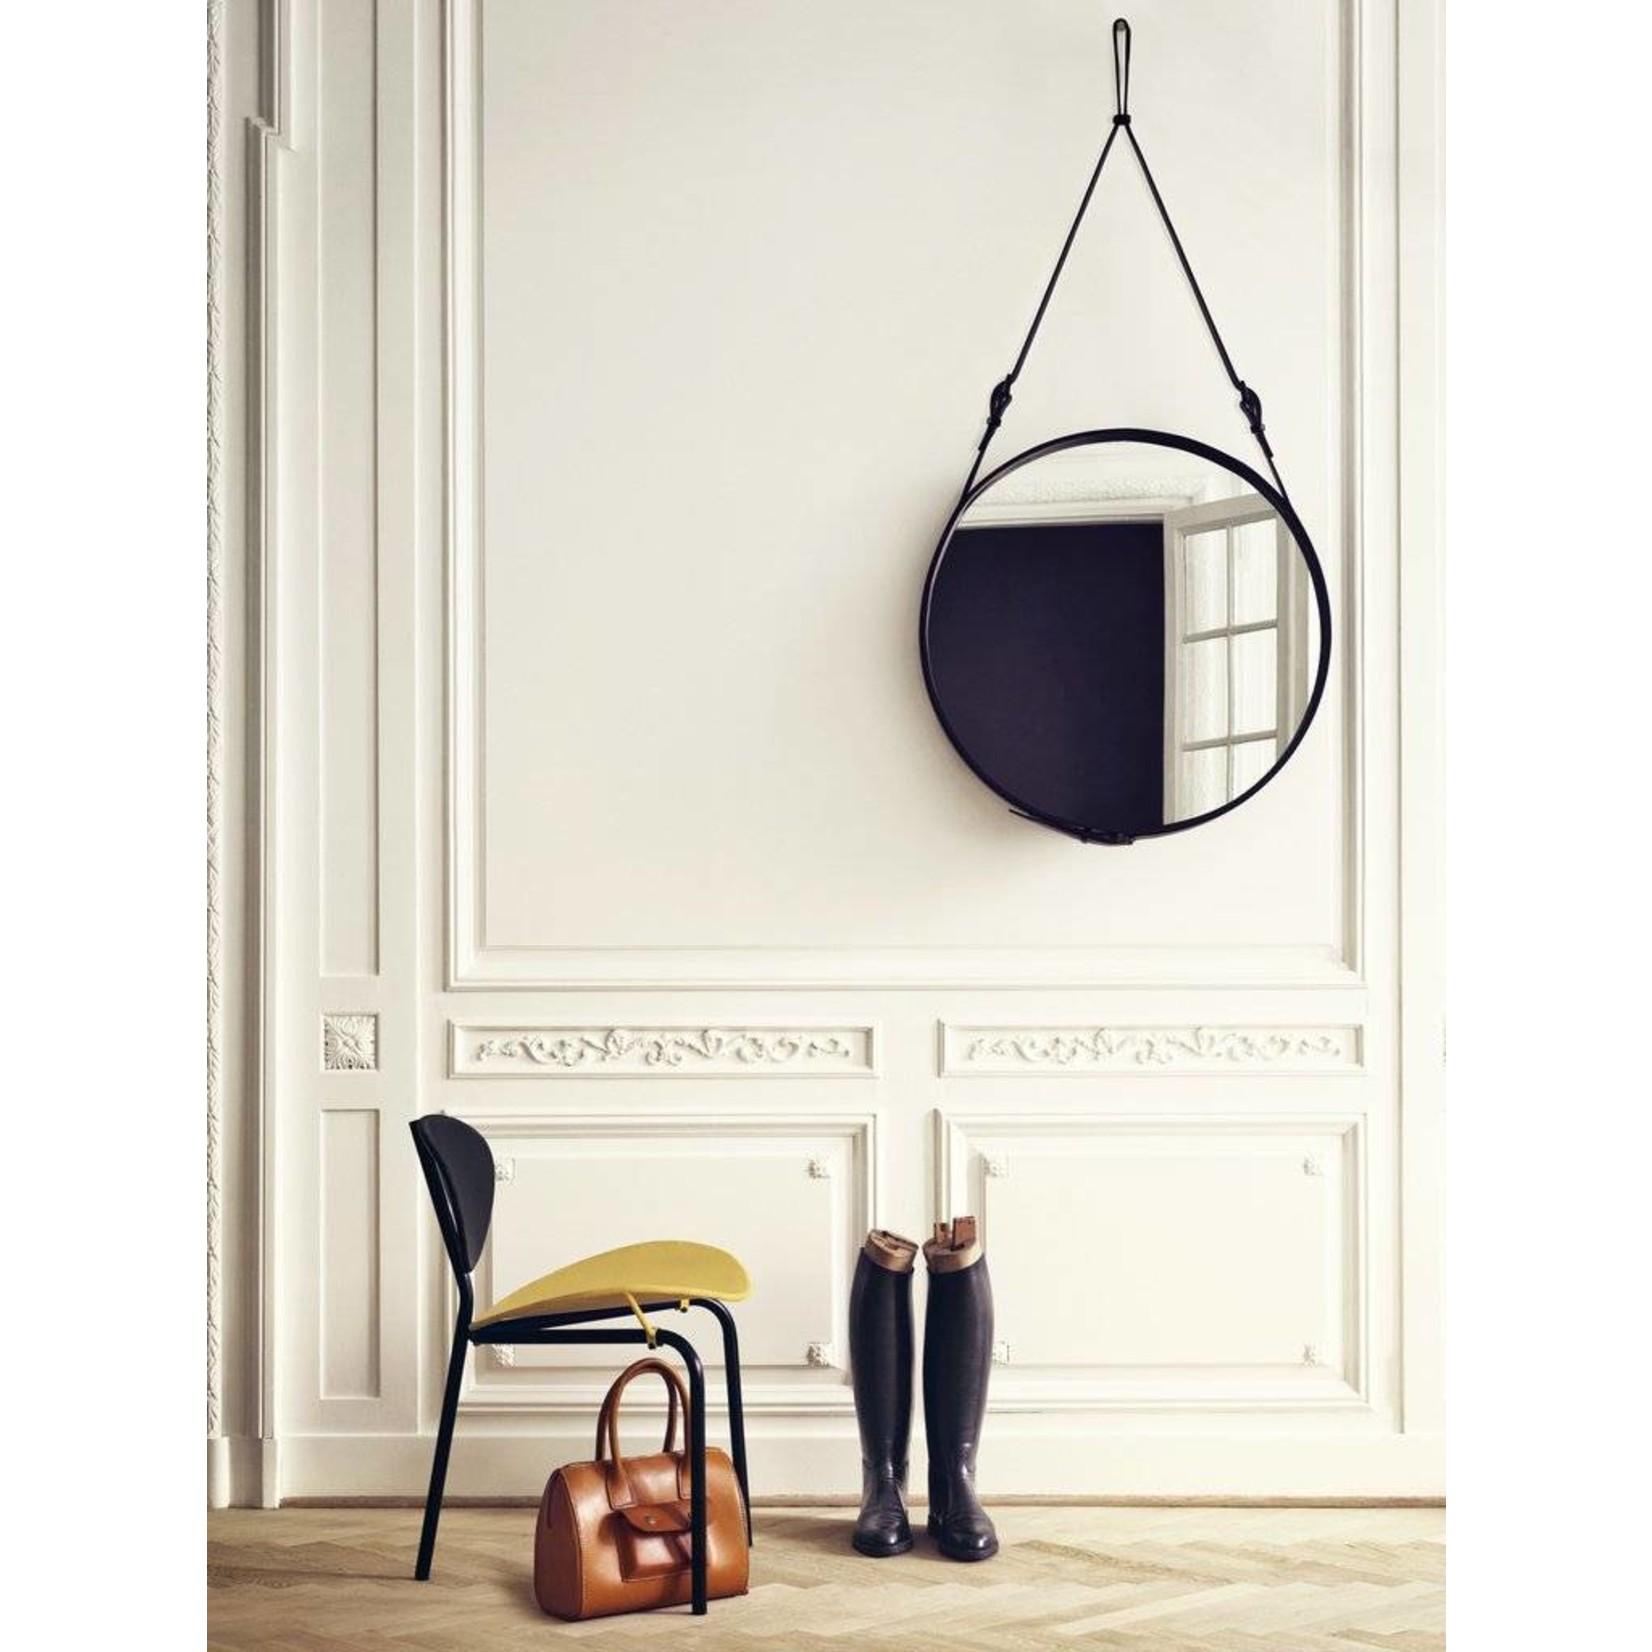 Gubi Miroir mural Adnet - Rond - Ø58 - Cuir noir